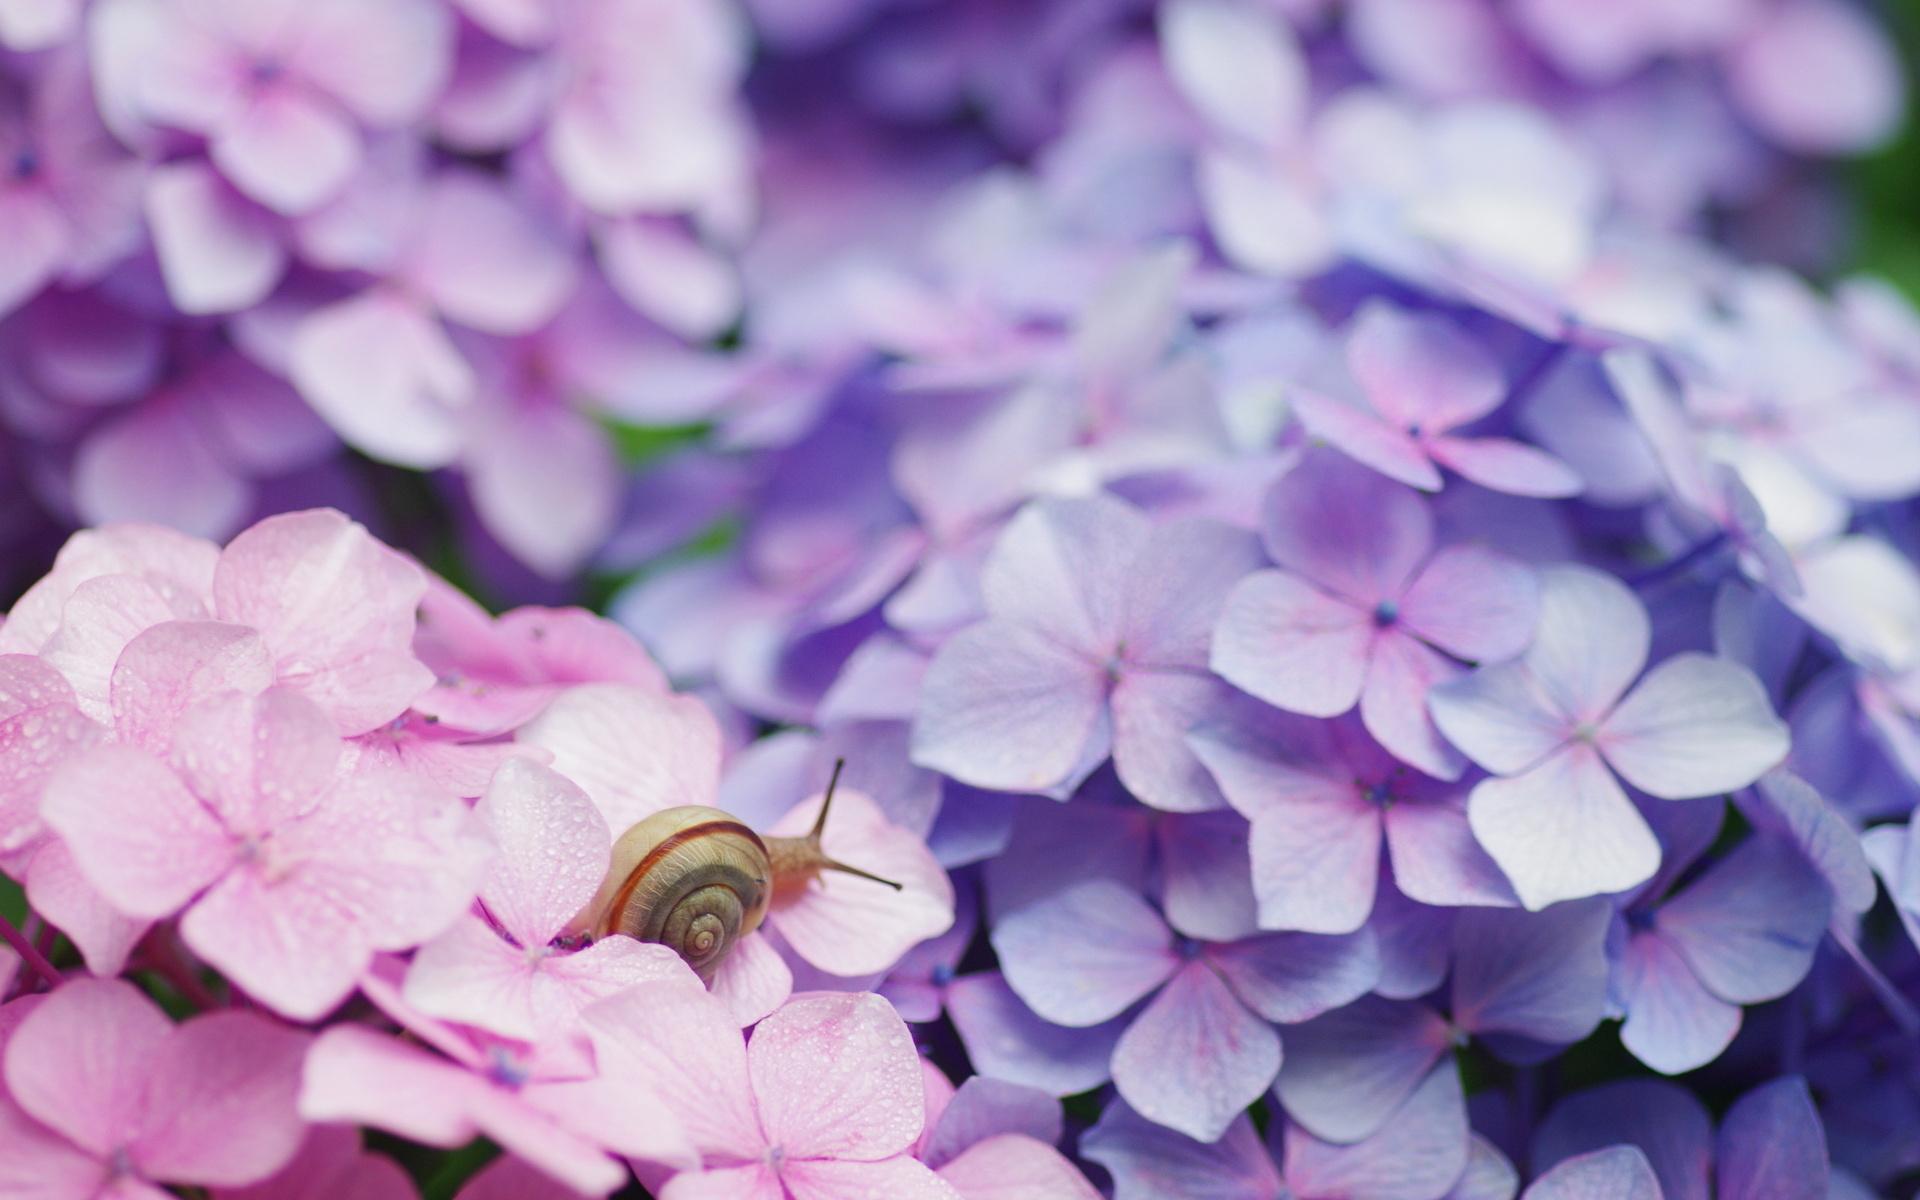 snails images